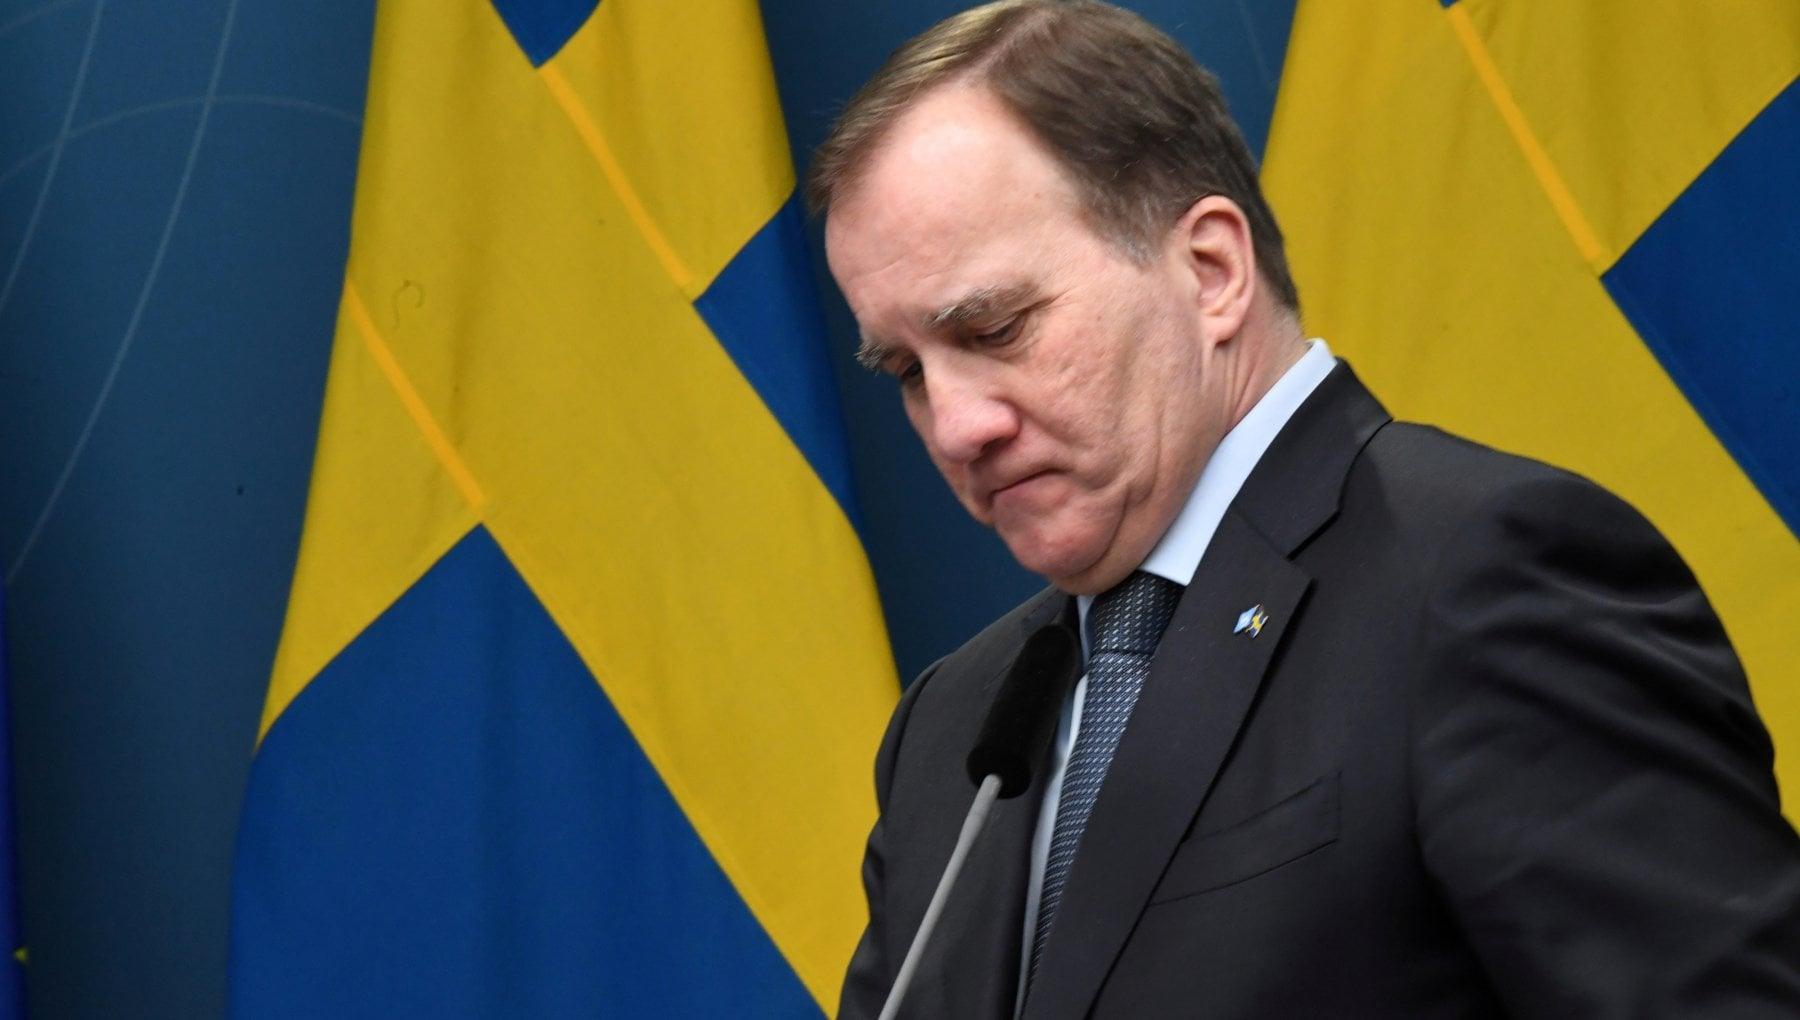 165421459 a1e50450 f8c7 4106 a432 2a8baa072745 - Coronavirus, la Svezia cambia rotta: via libera a chiusure e multe